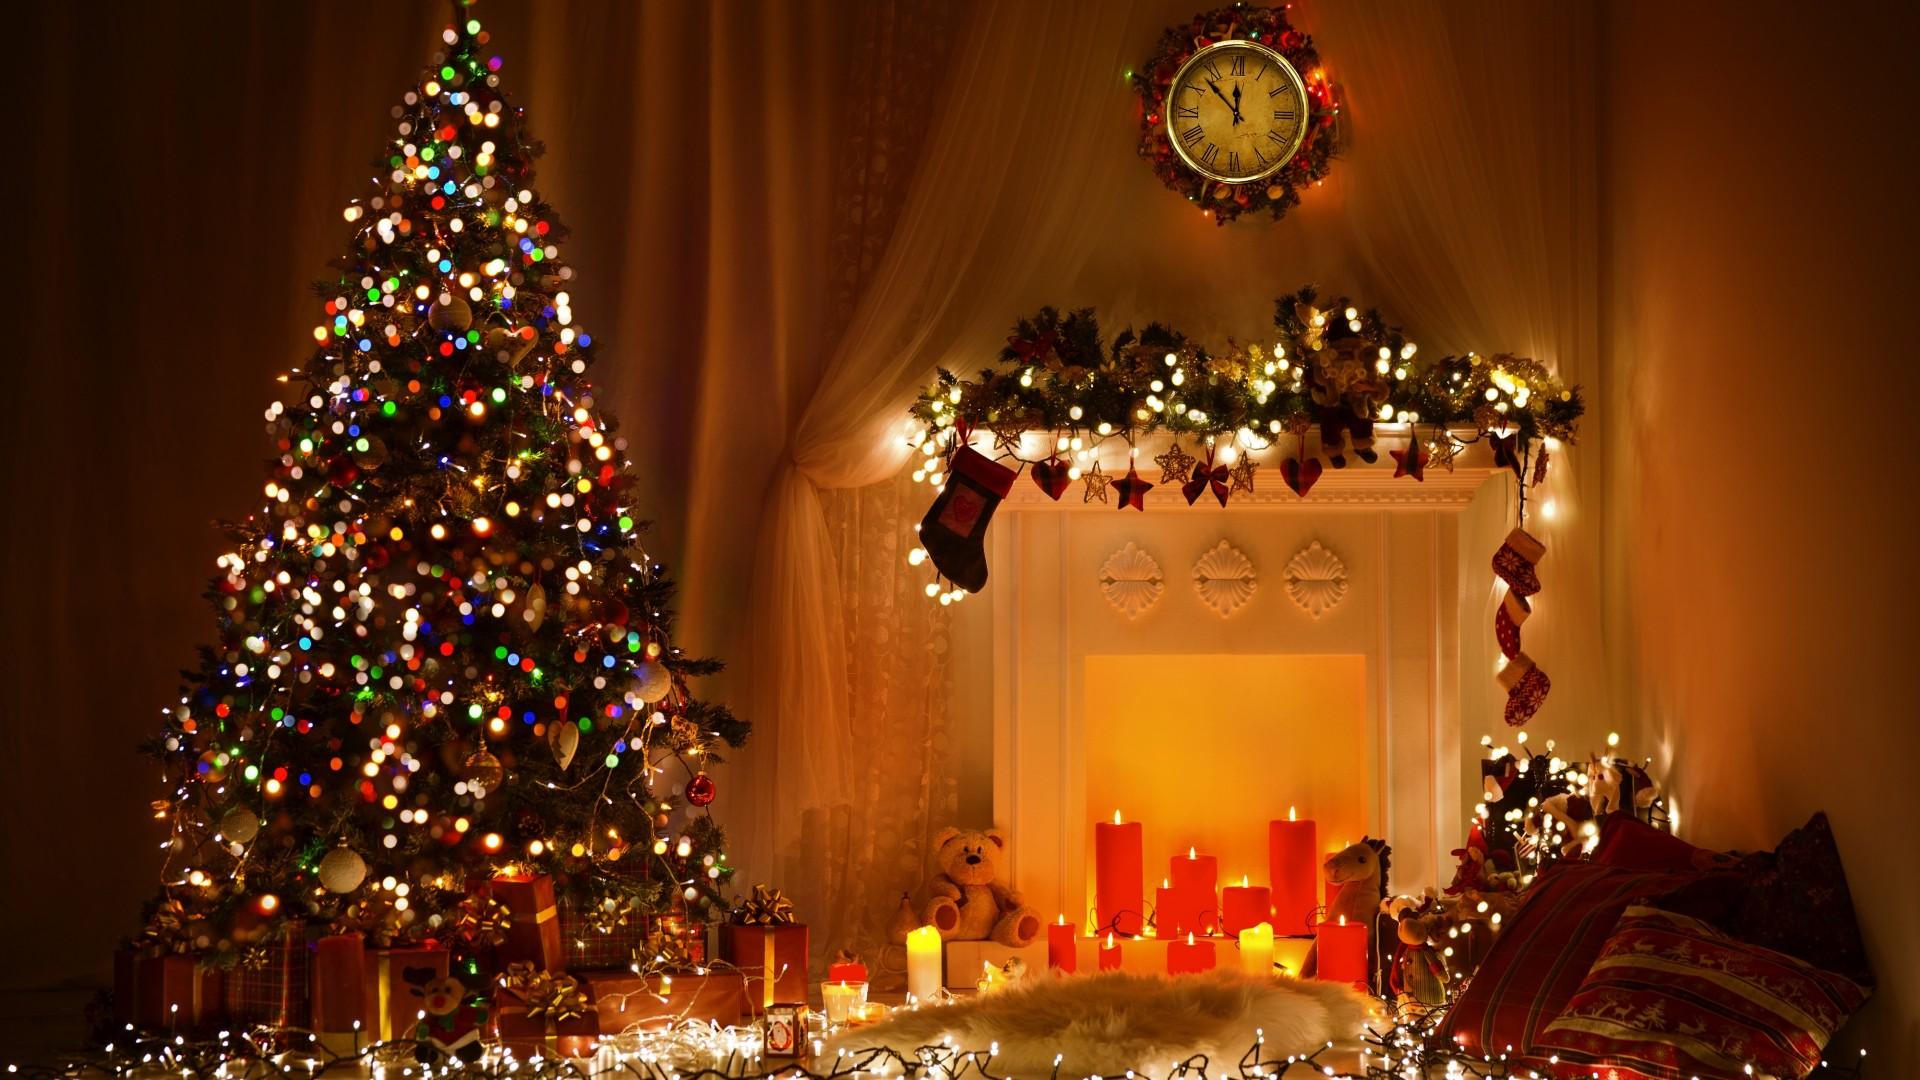 обои новый год и рождество европа 1080 можно ли выдать директору займ